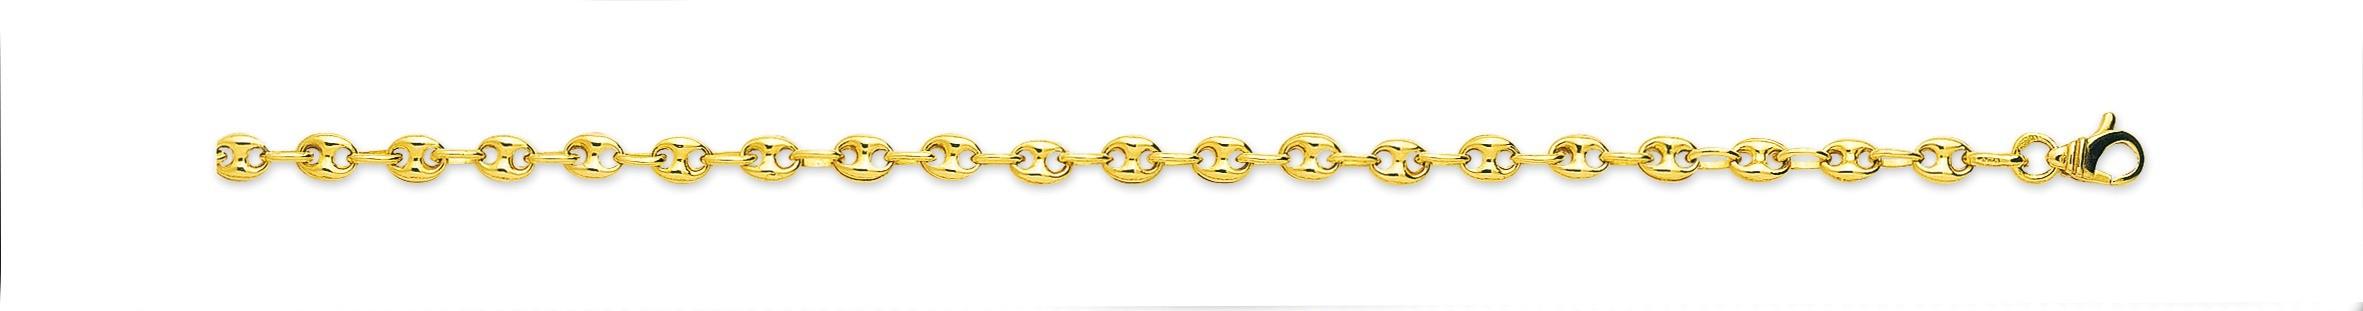 bijoux or-chaine grains de café or 2366